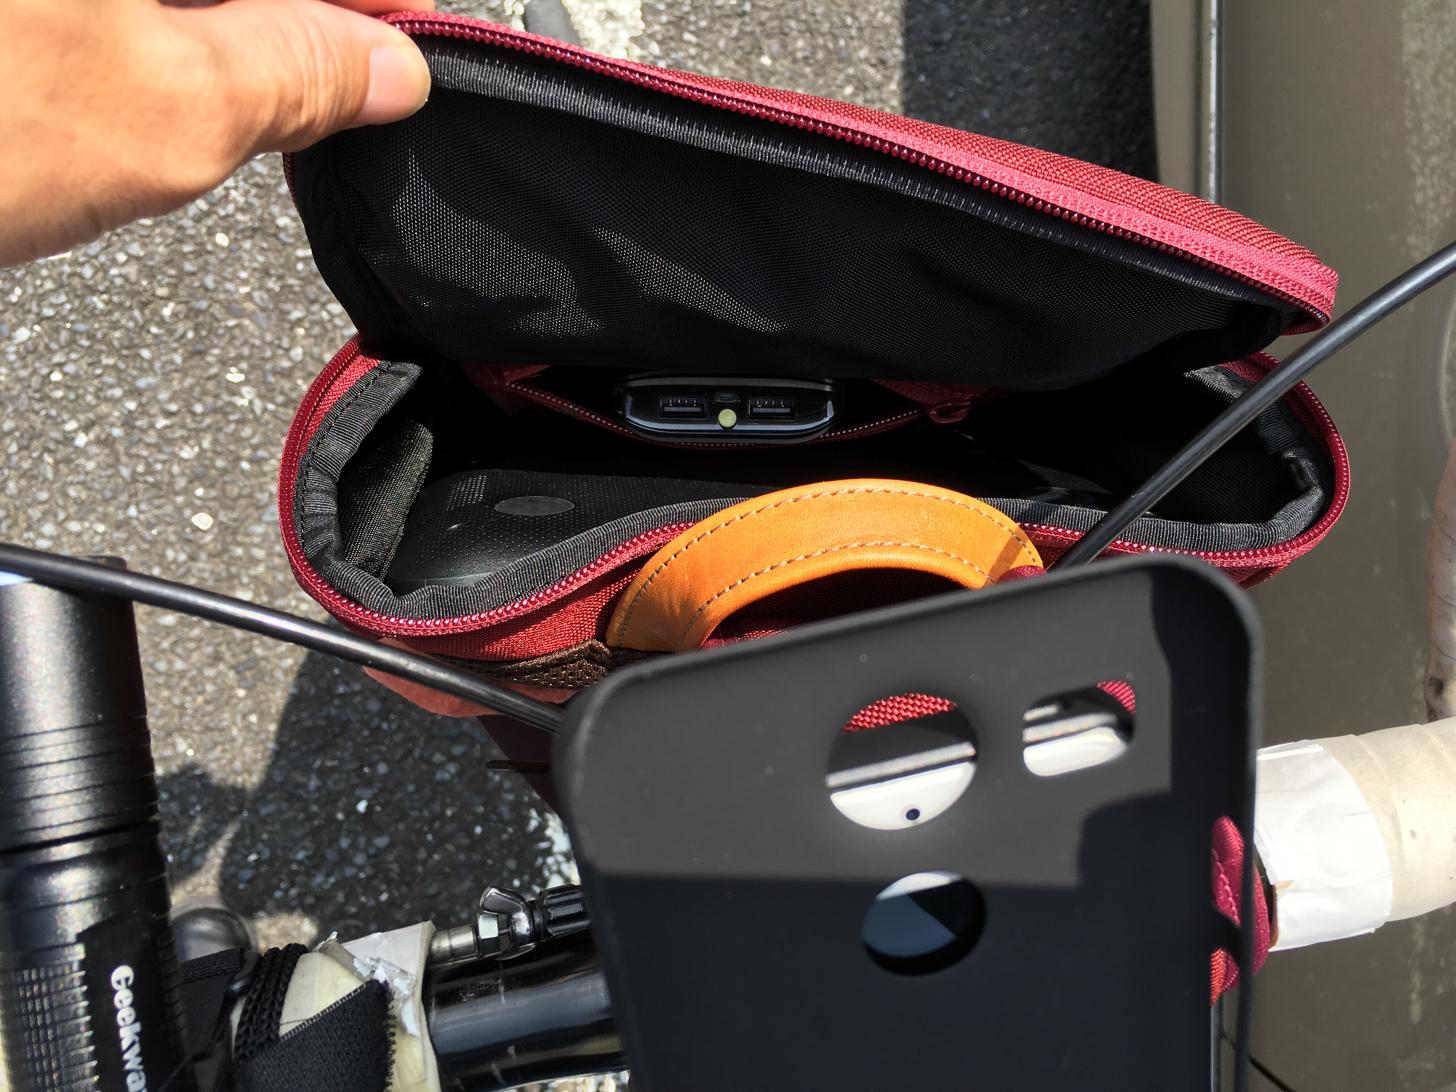 ブロンプトンキャリアフレームに袋をつけて非破壊的オリジナルフロントバッグ